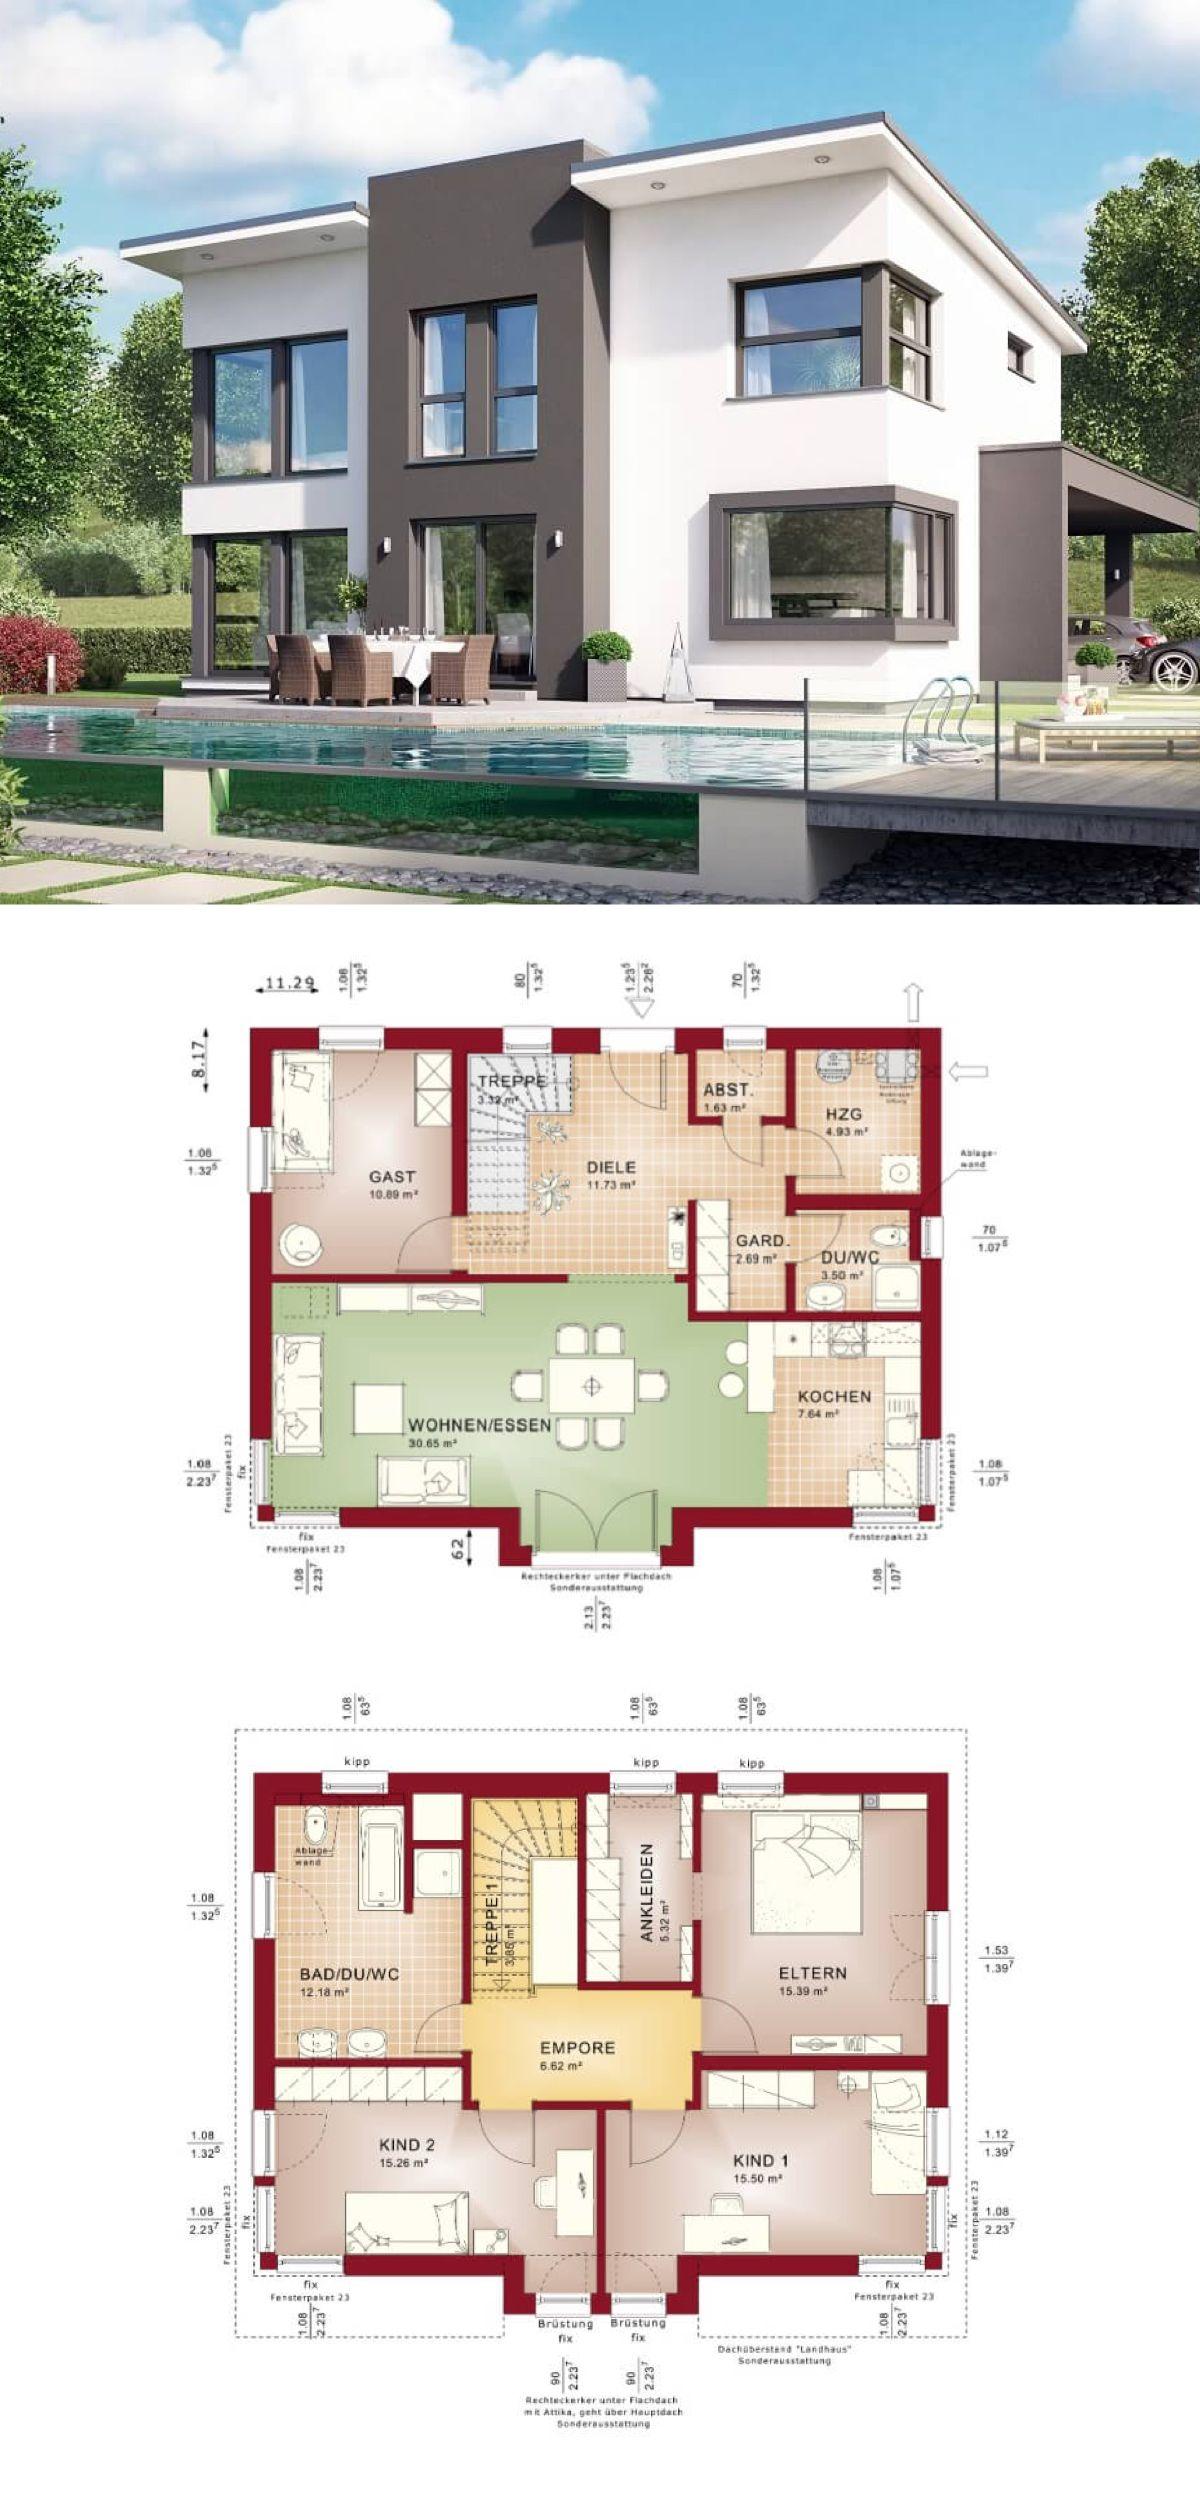 Moderne Stadtvilla Mit Pultdach Haus Evolution 148 V9 Von Bien Zenker    Einfamilienhaus Grundriss Offen Mit